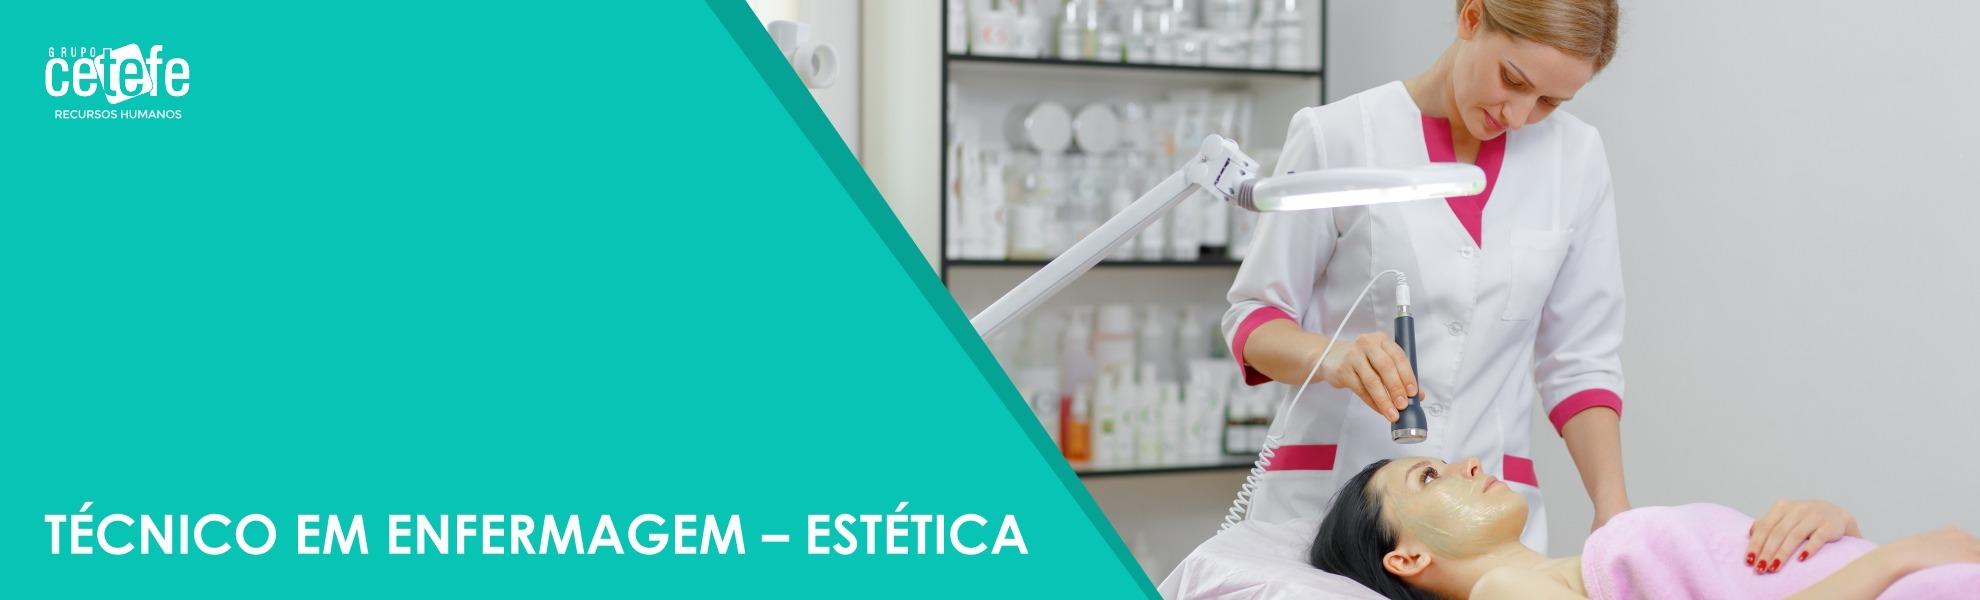 Técnico em Enfermagem - Estética